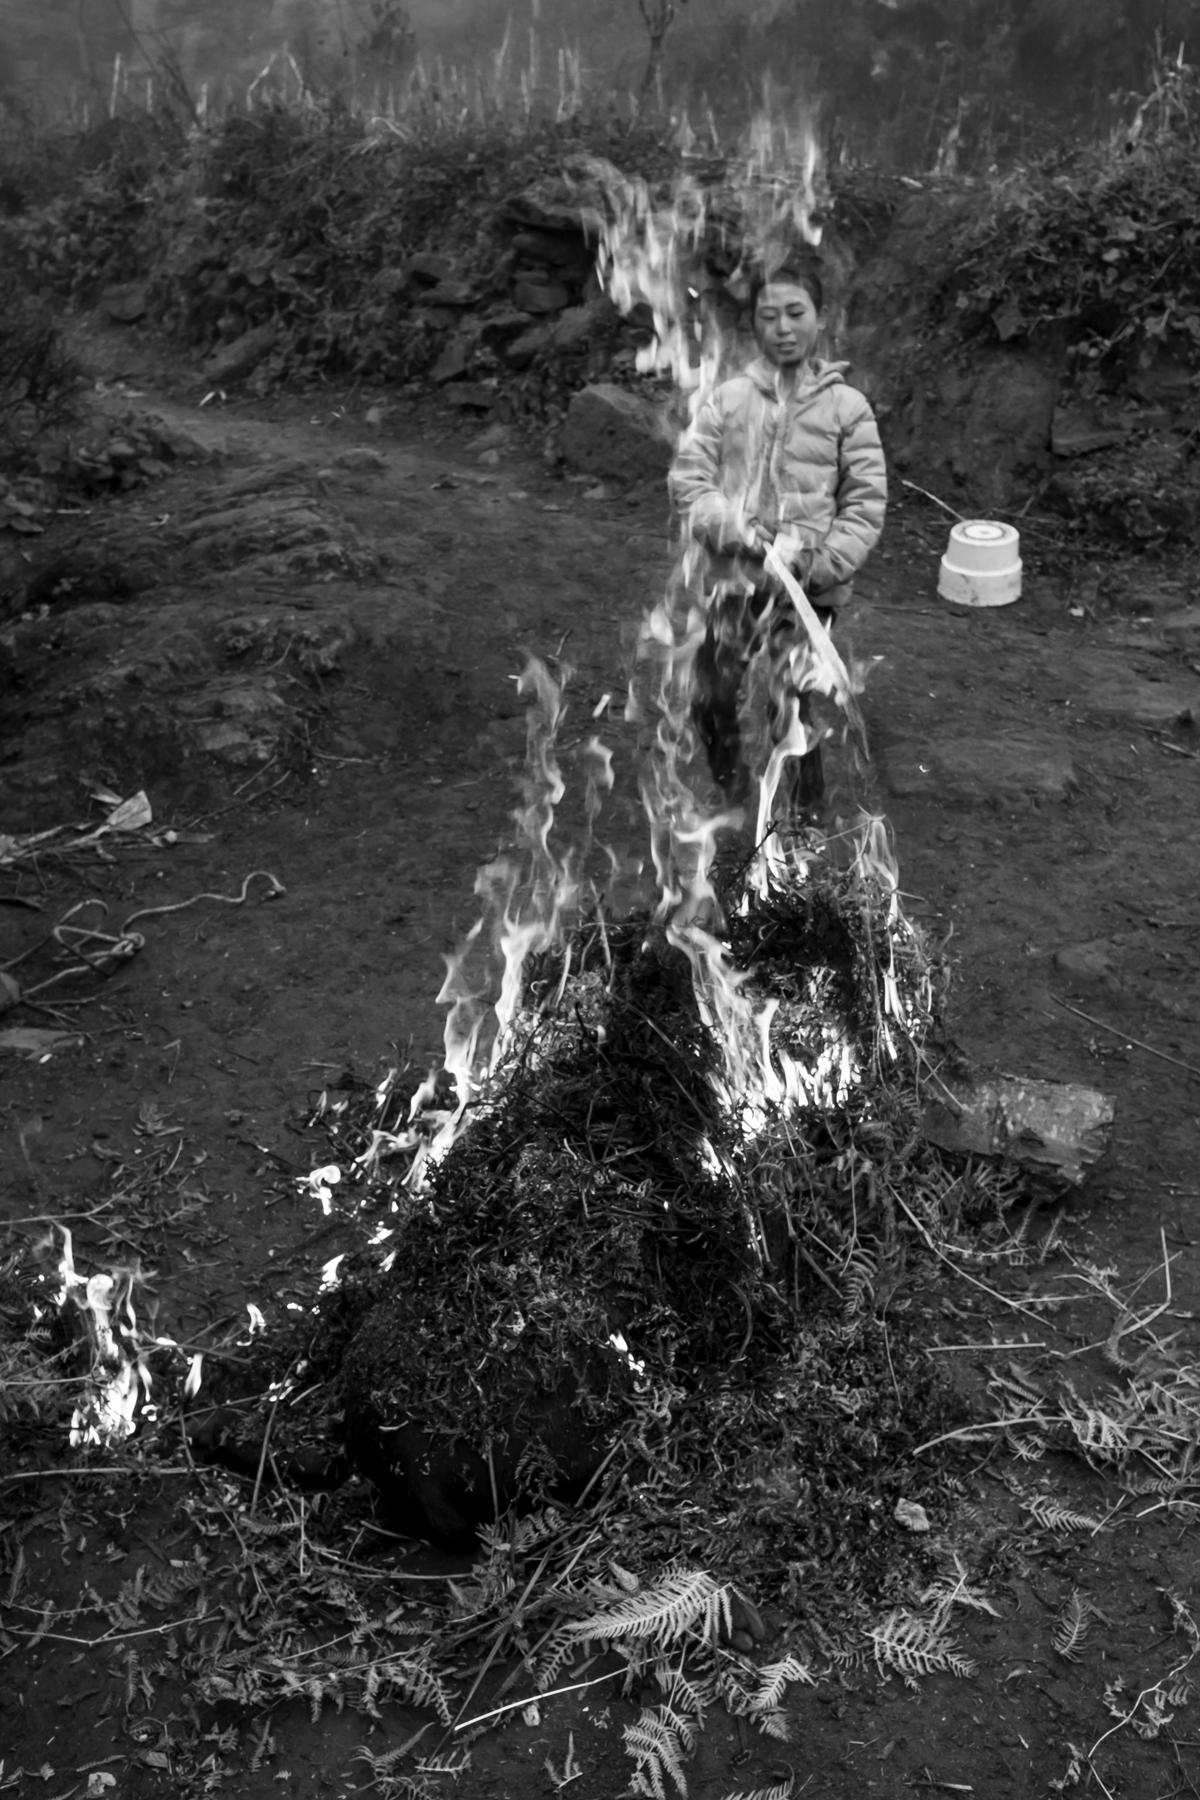 Granddaughter tending the fire